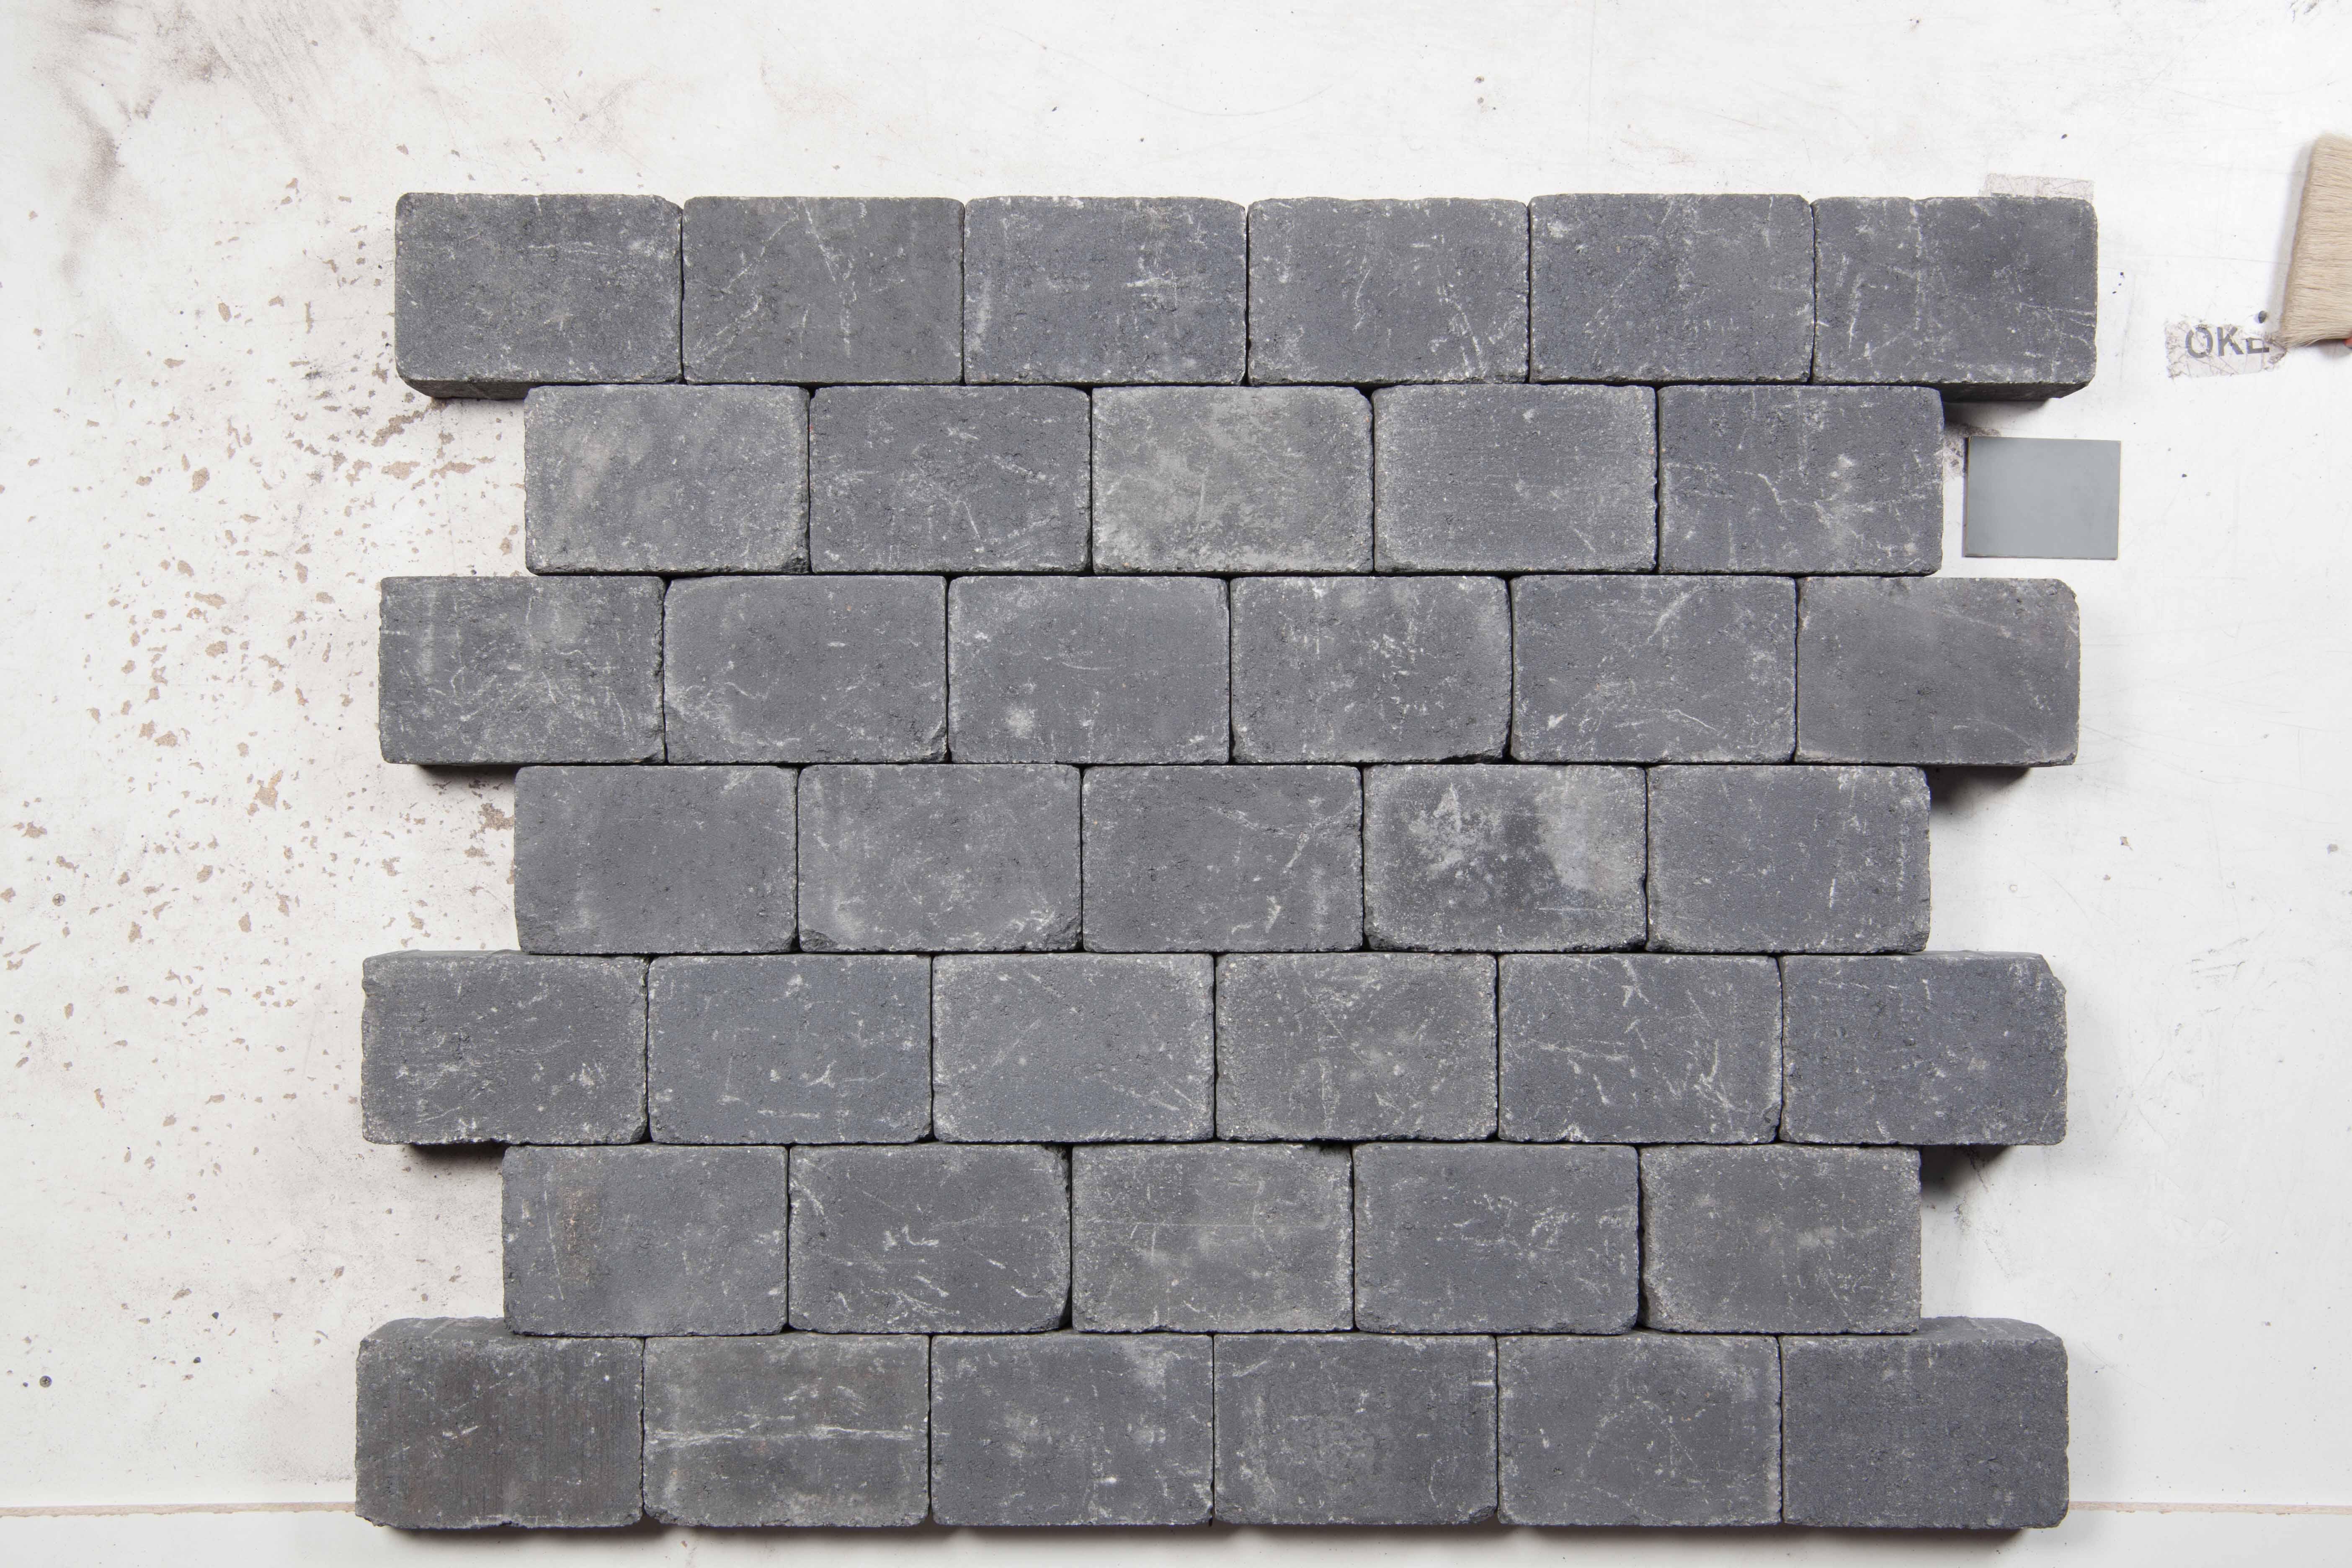 Redsun   Tumbelton 15x15x6   Coal